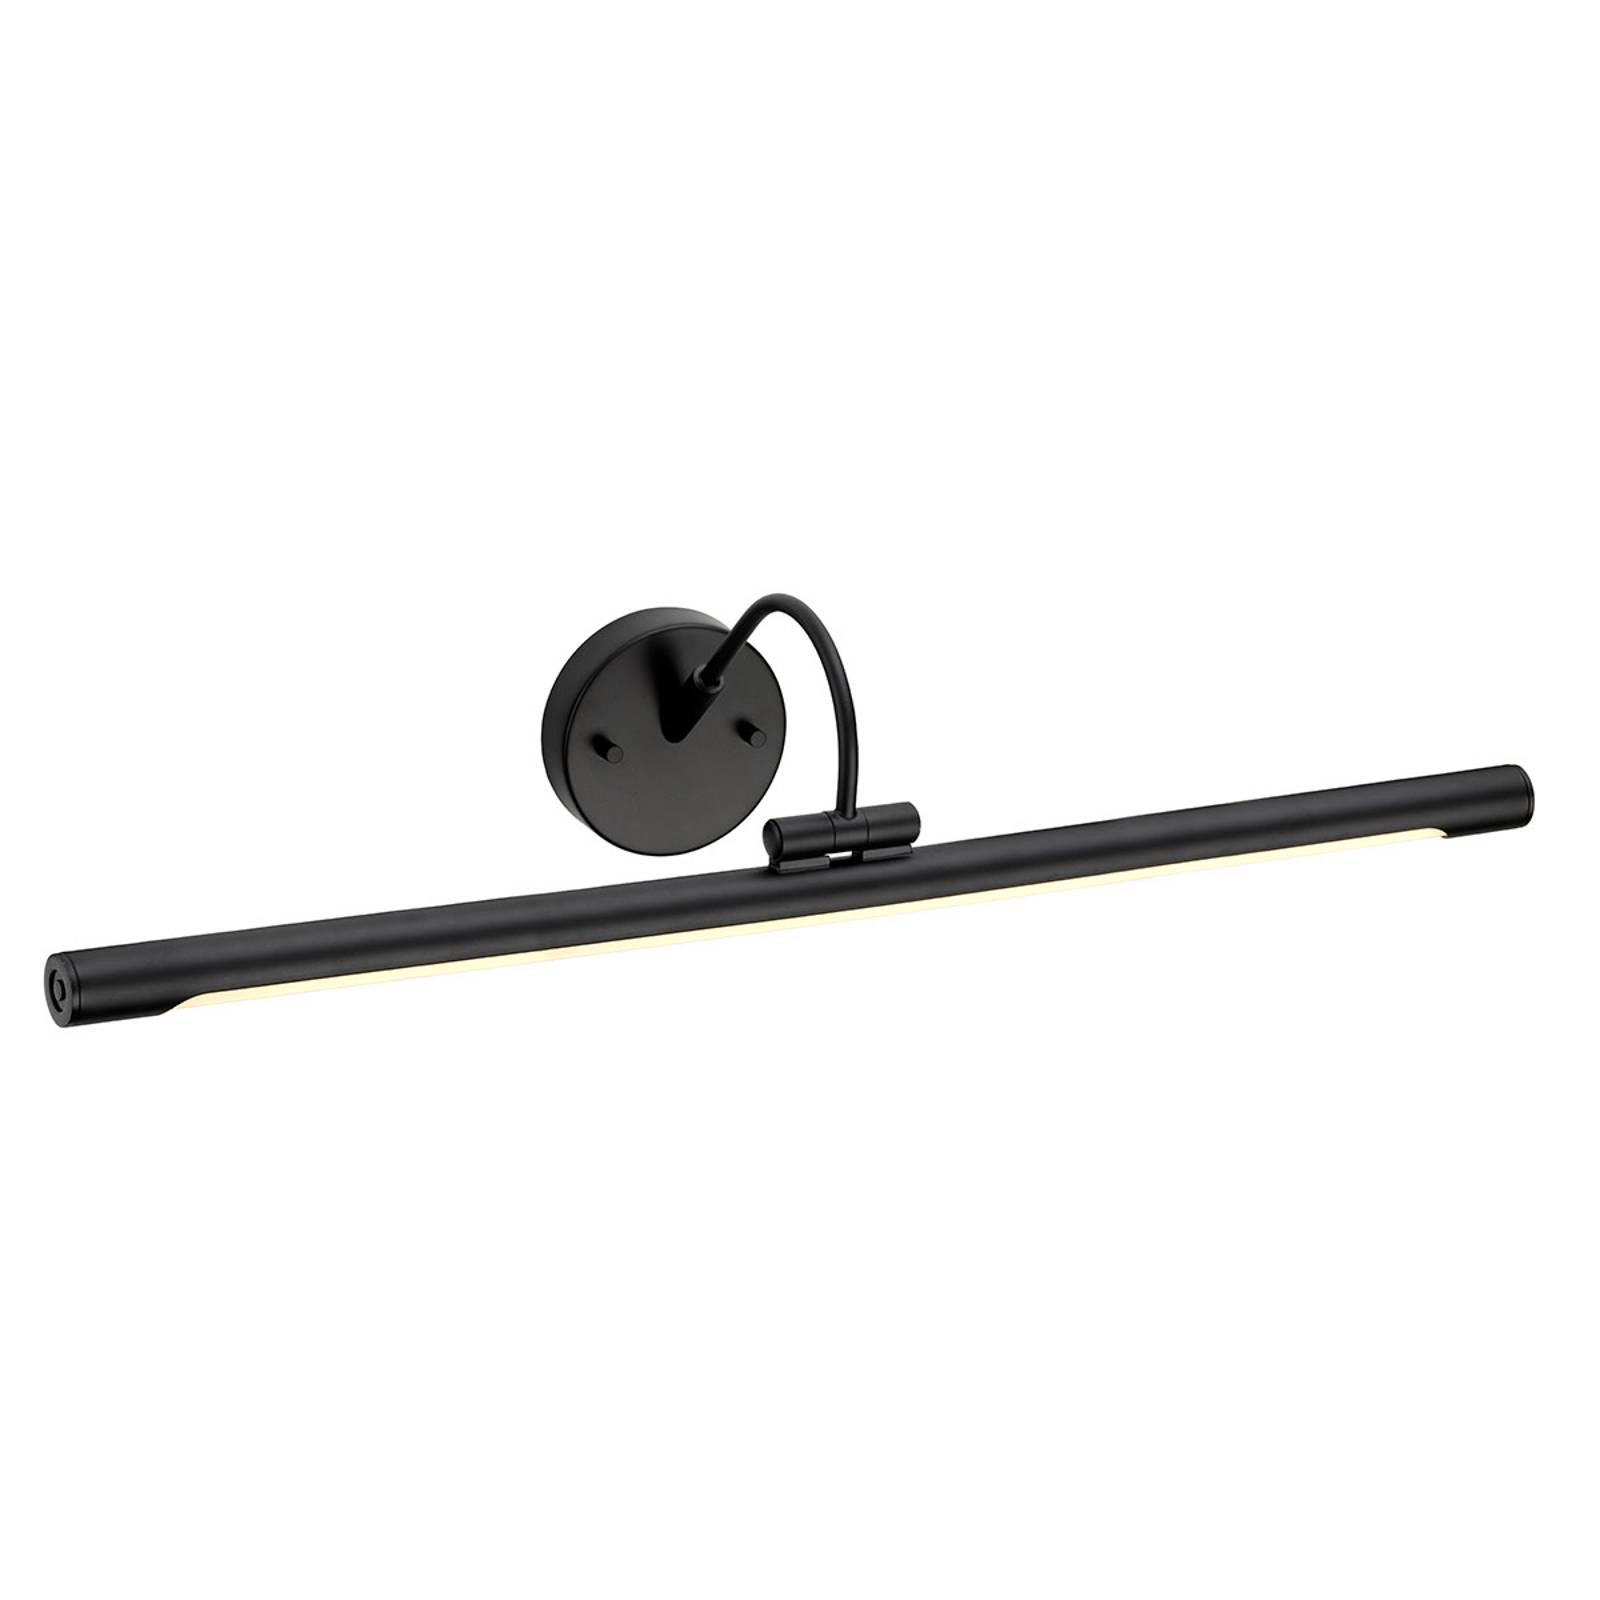 Applique pour tableau LED Alton en noir, 67 cm